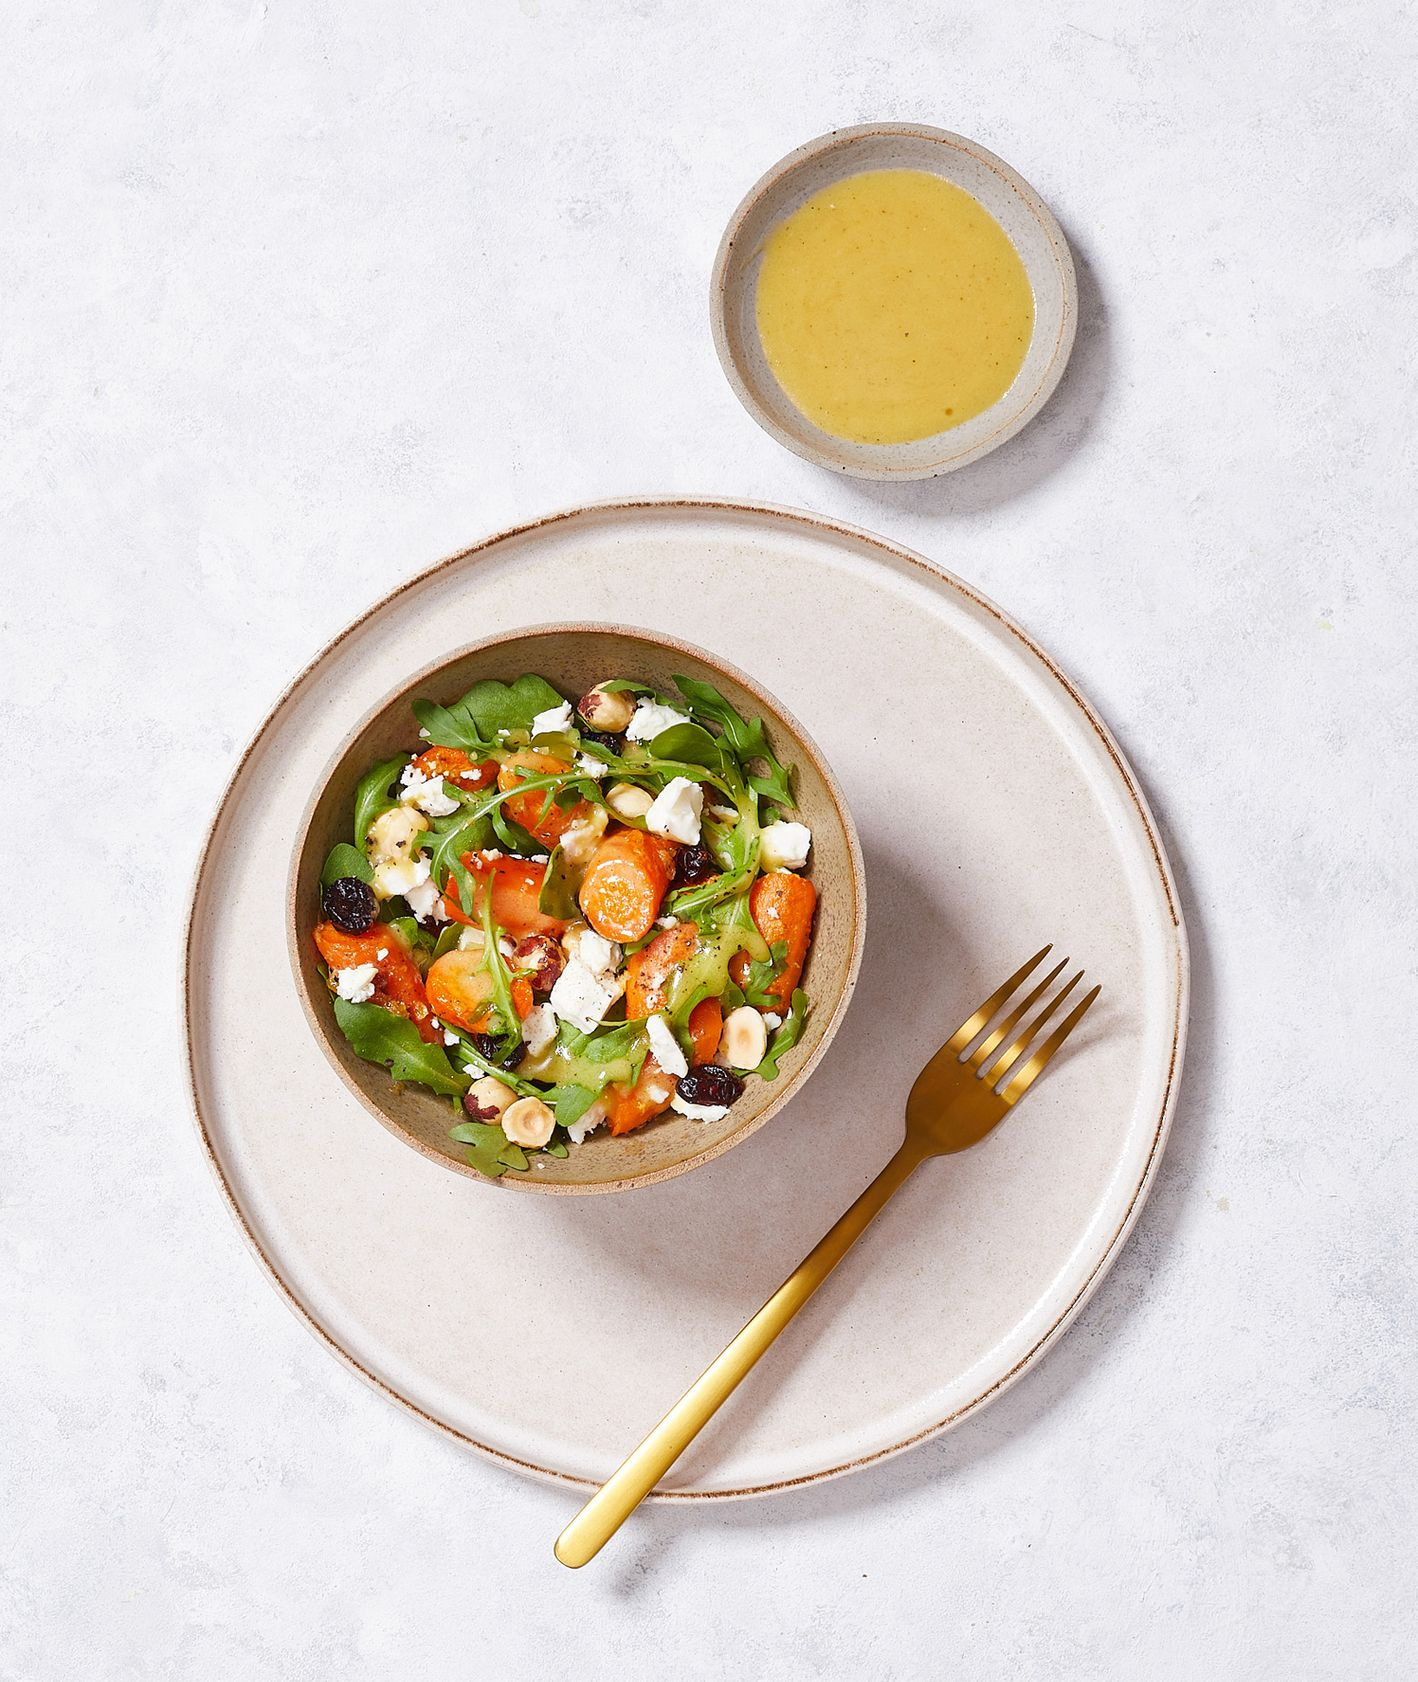 Zimowe sałąty. Sałatka z pieczonej marchewki w marynacie imbirowej z kozim serem i orzechami laskowymi (fot. Maciek Niemojewski)